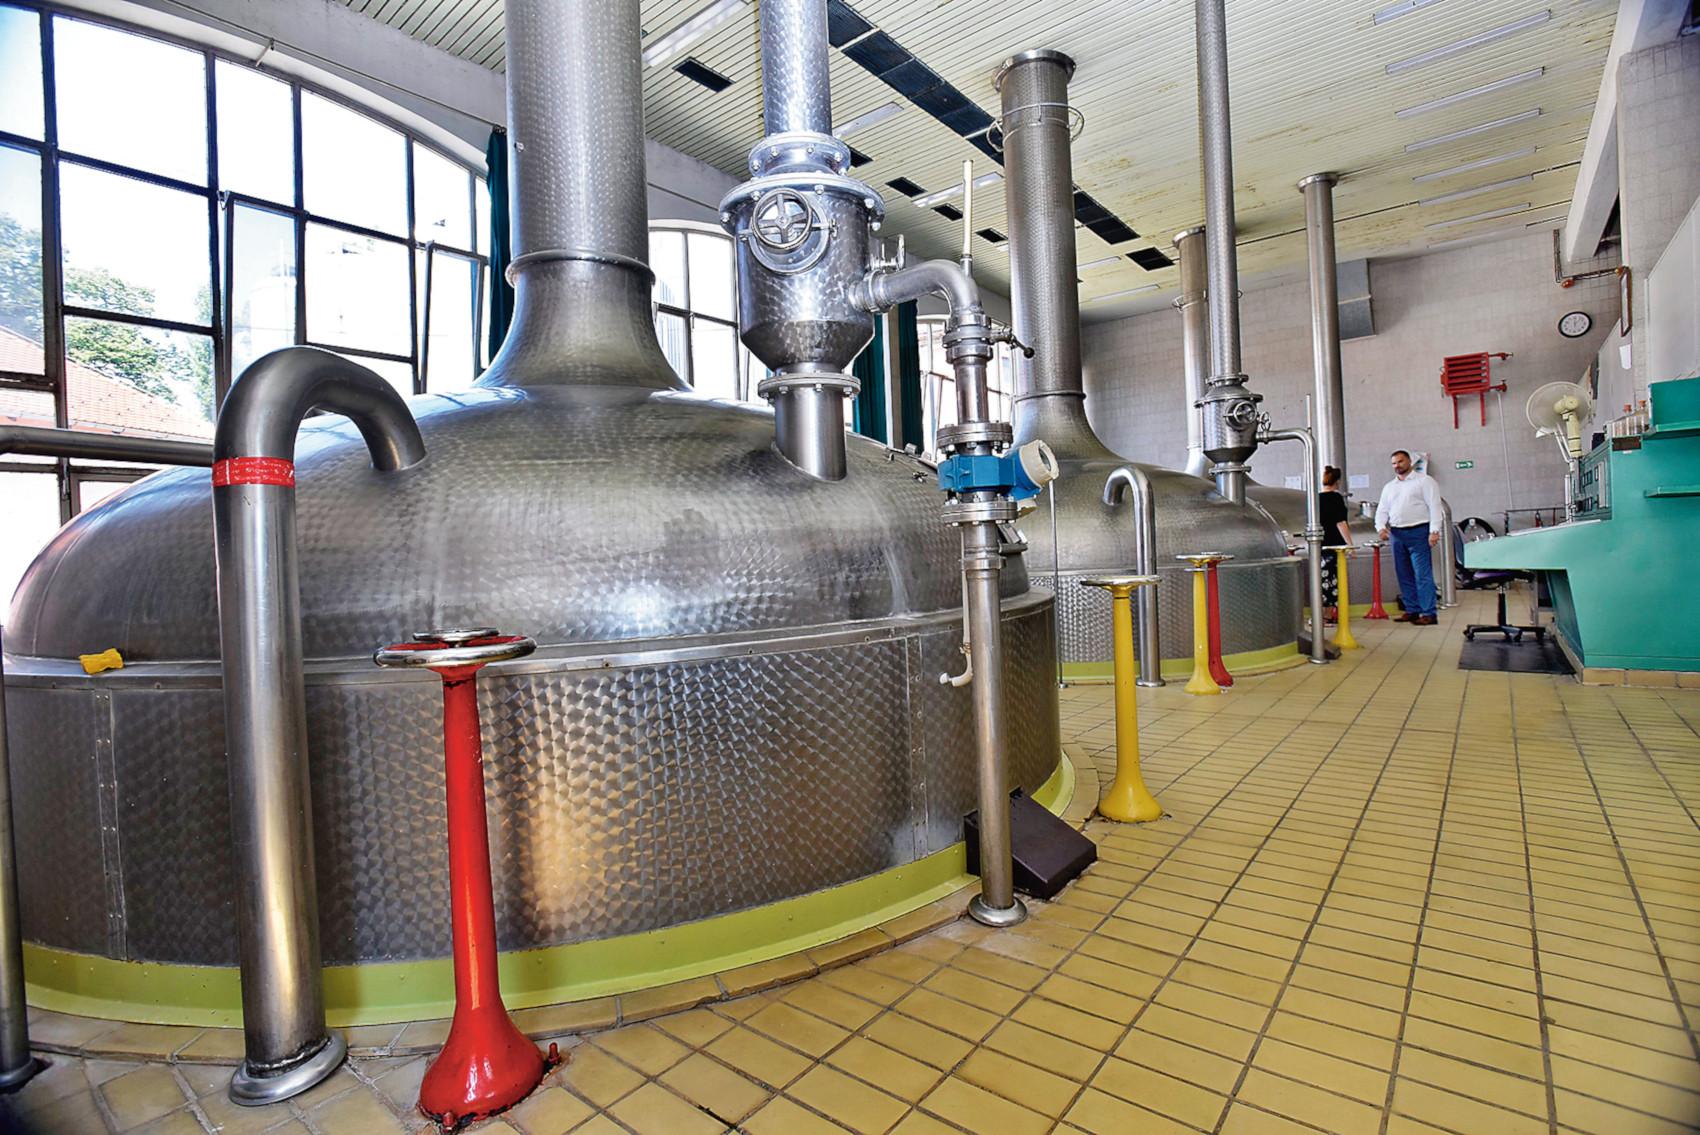 Daruvar, 230818. Postrojenja Daruvarske pivovare. Na fotografiji: Postrojenja daruvarske pivovare u kojima se proizvodi razna kraft piva. Foto: Krasnodar Persun / CROPIX